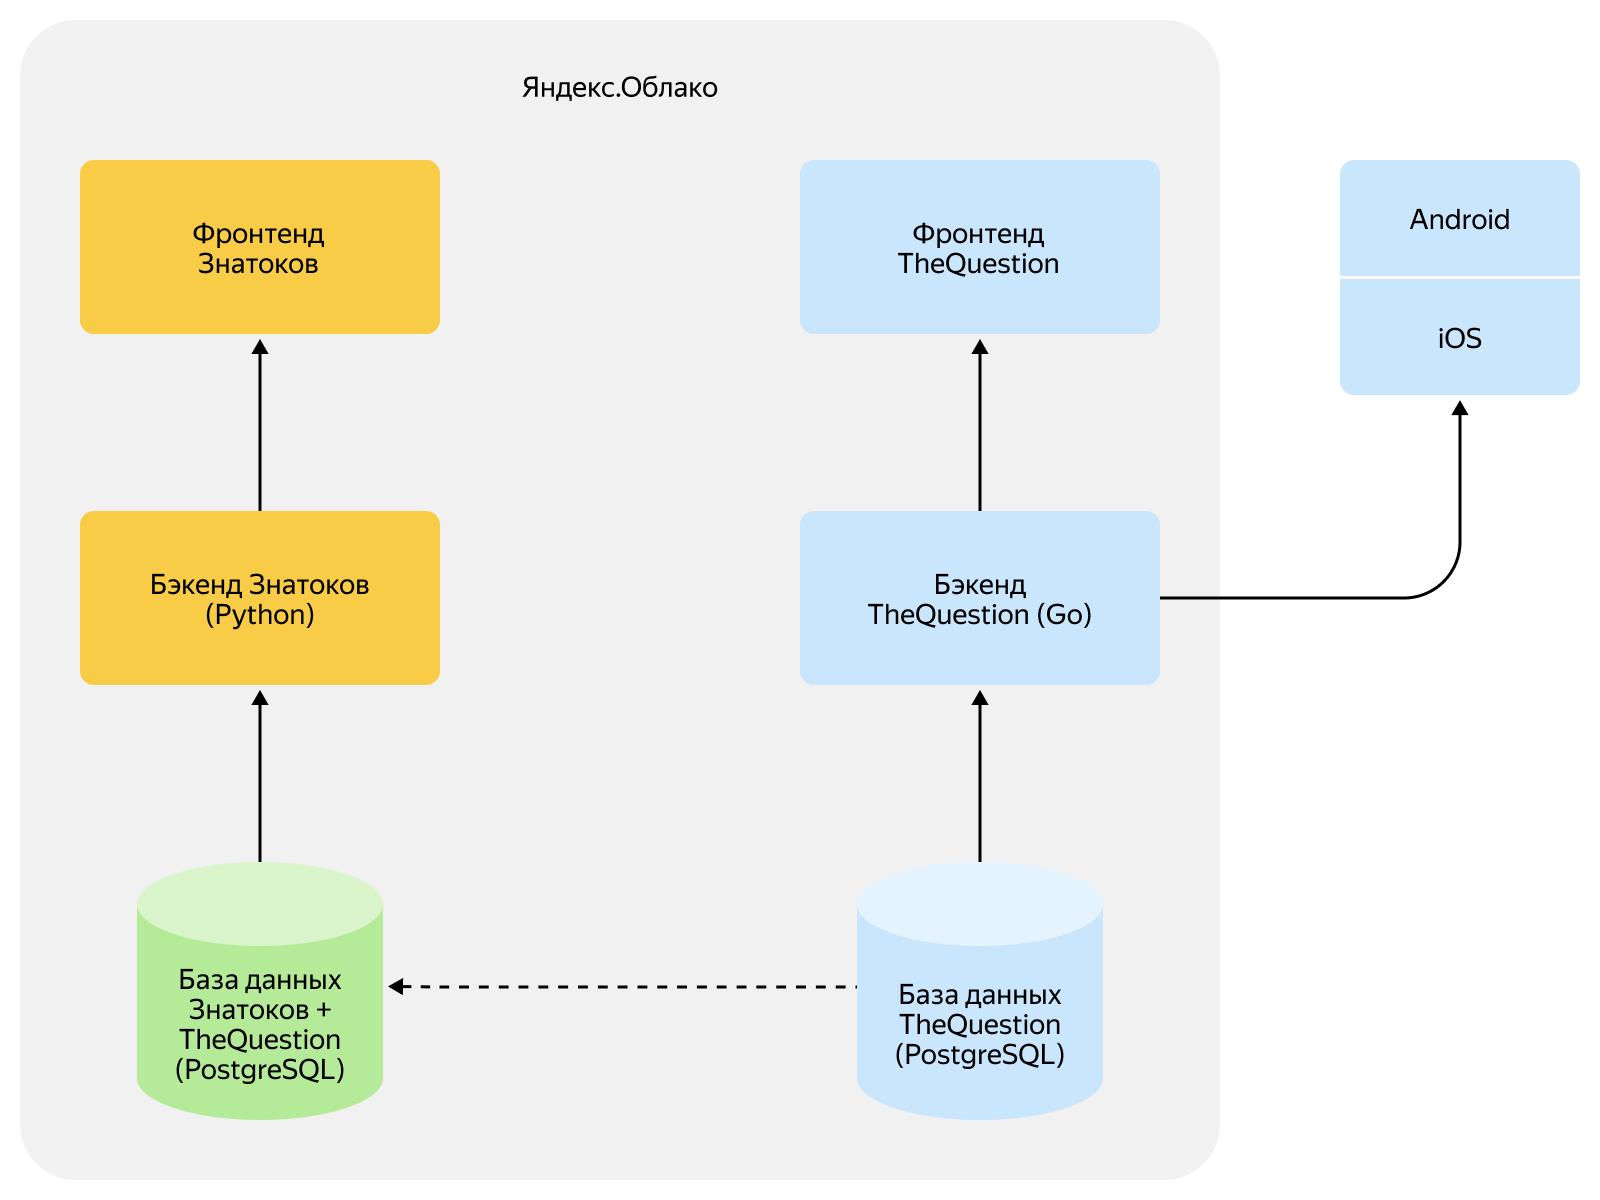 Как объединить две платформы в одну и не обидеть пользователей. Опыт разработчиков Яндекс.Кью - 3